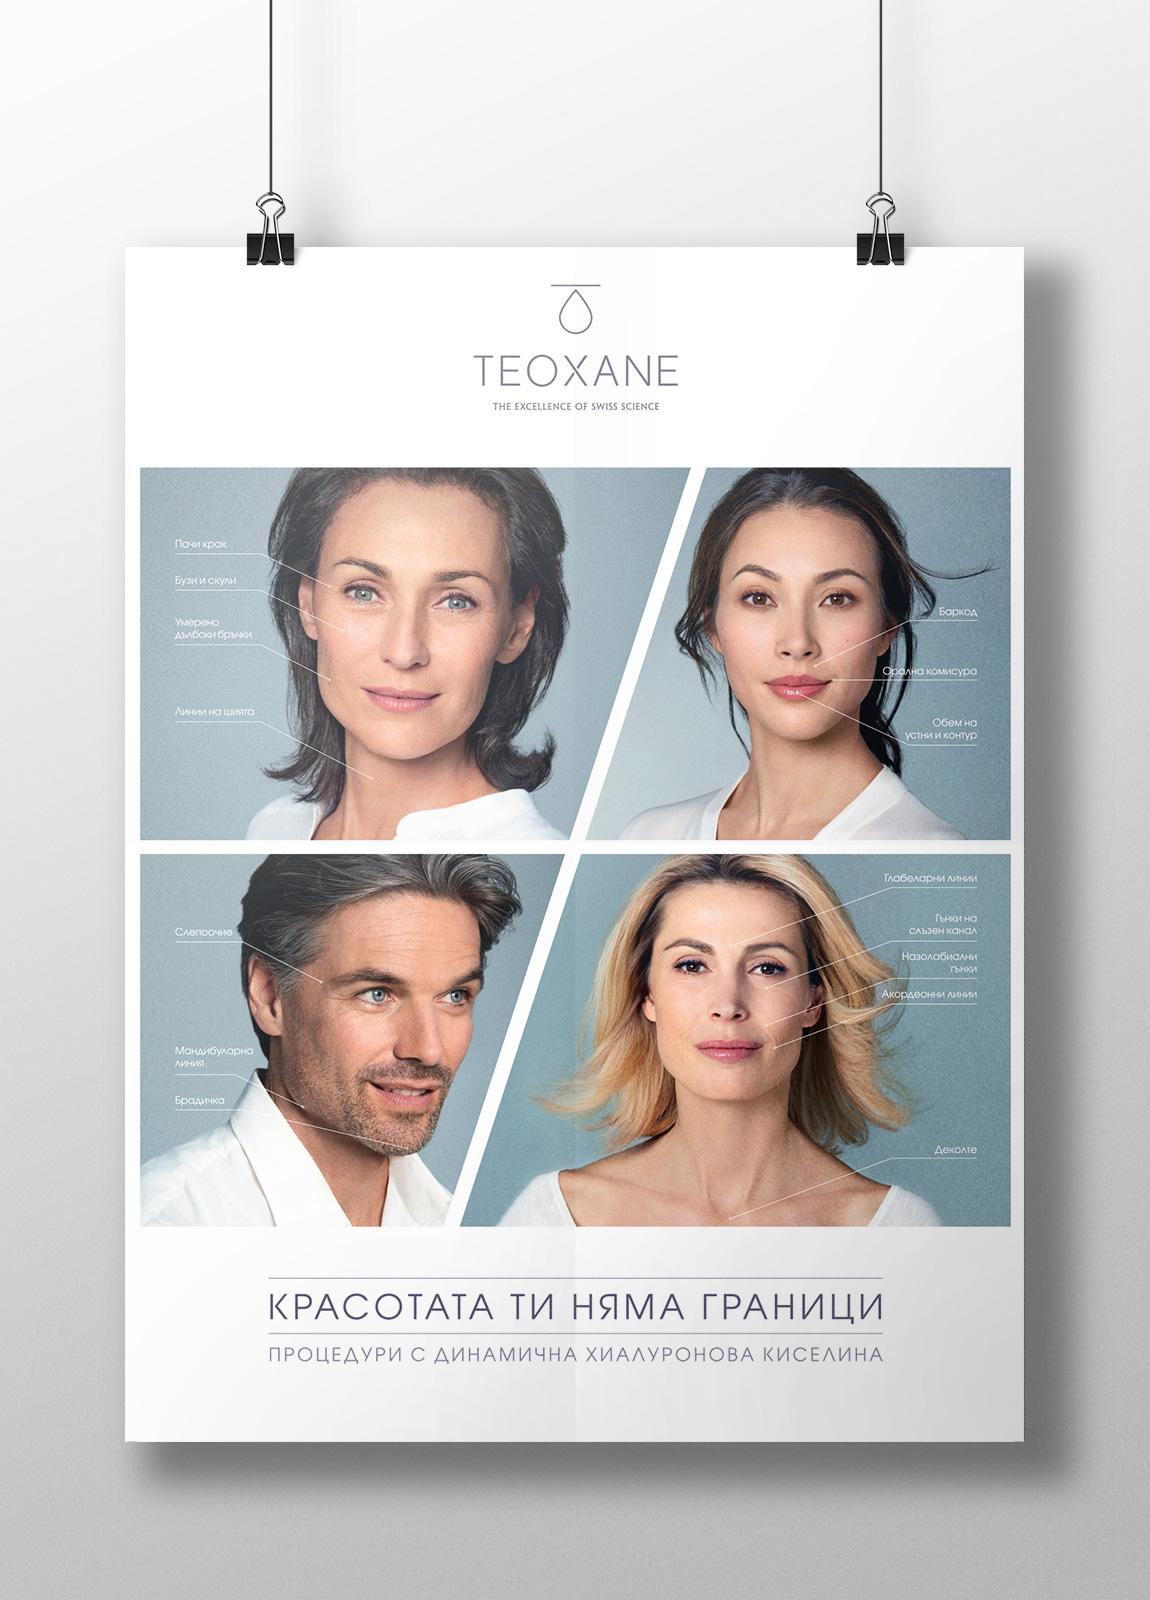 Плакат/ Spectro group